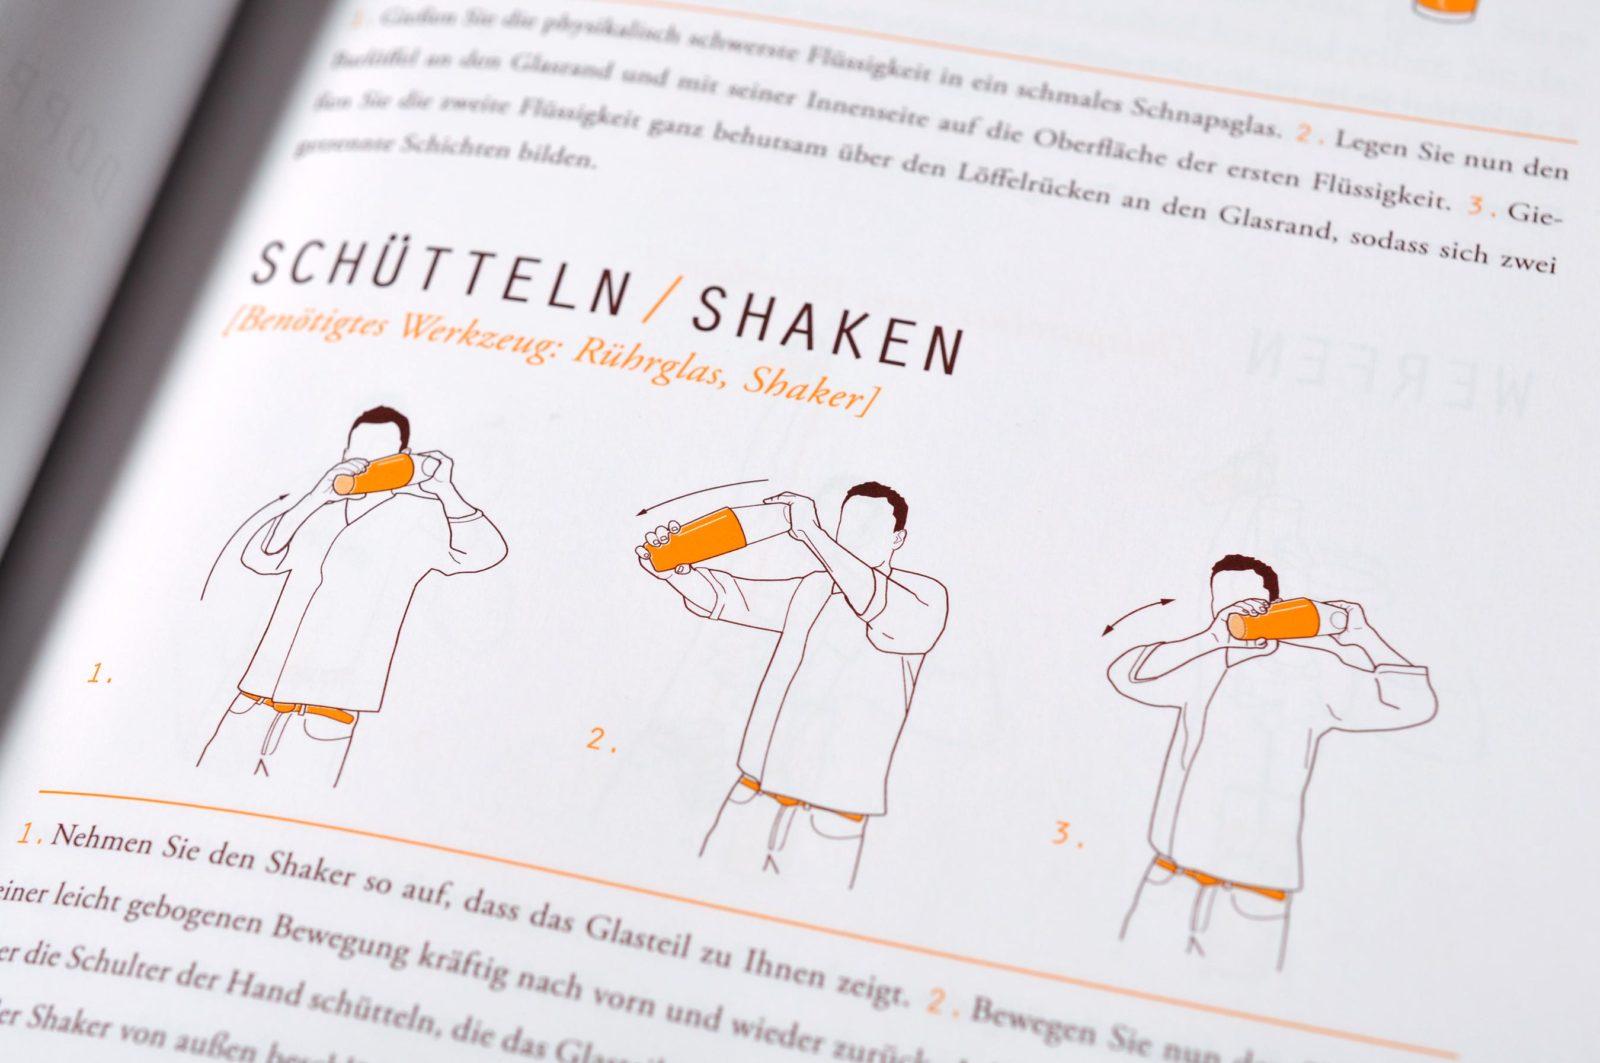 Editienne Grafikdesign - Kommunikationsdesign Berlin-Buchgestaltung Cocktailian 2 Rum & Cachaça 19